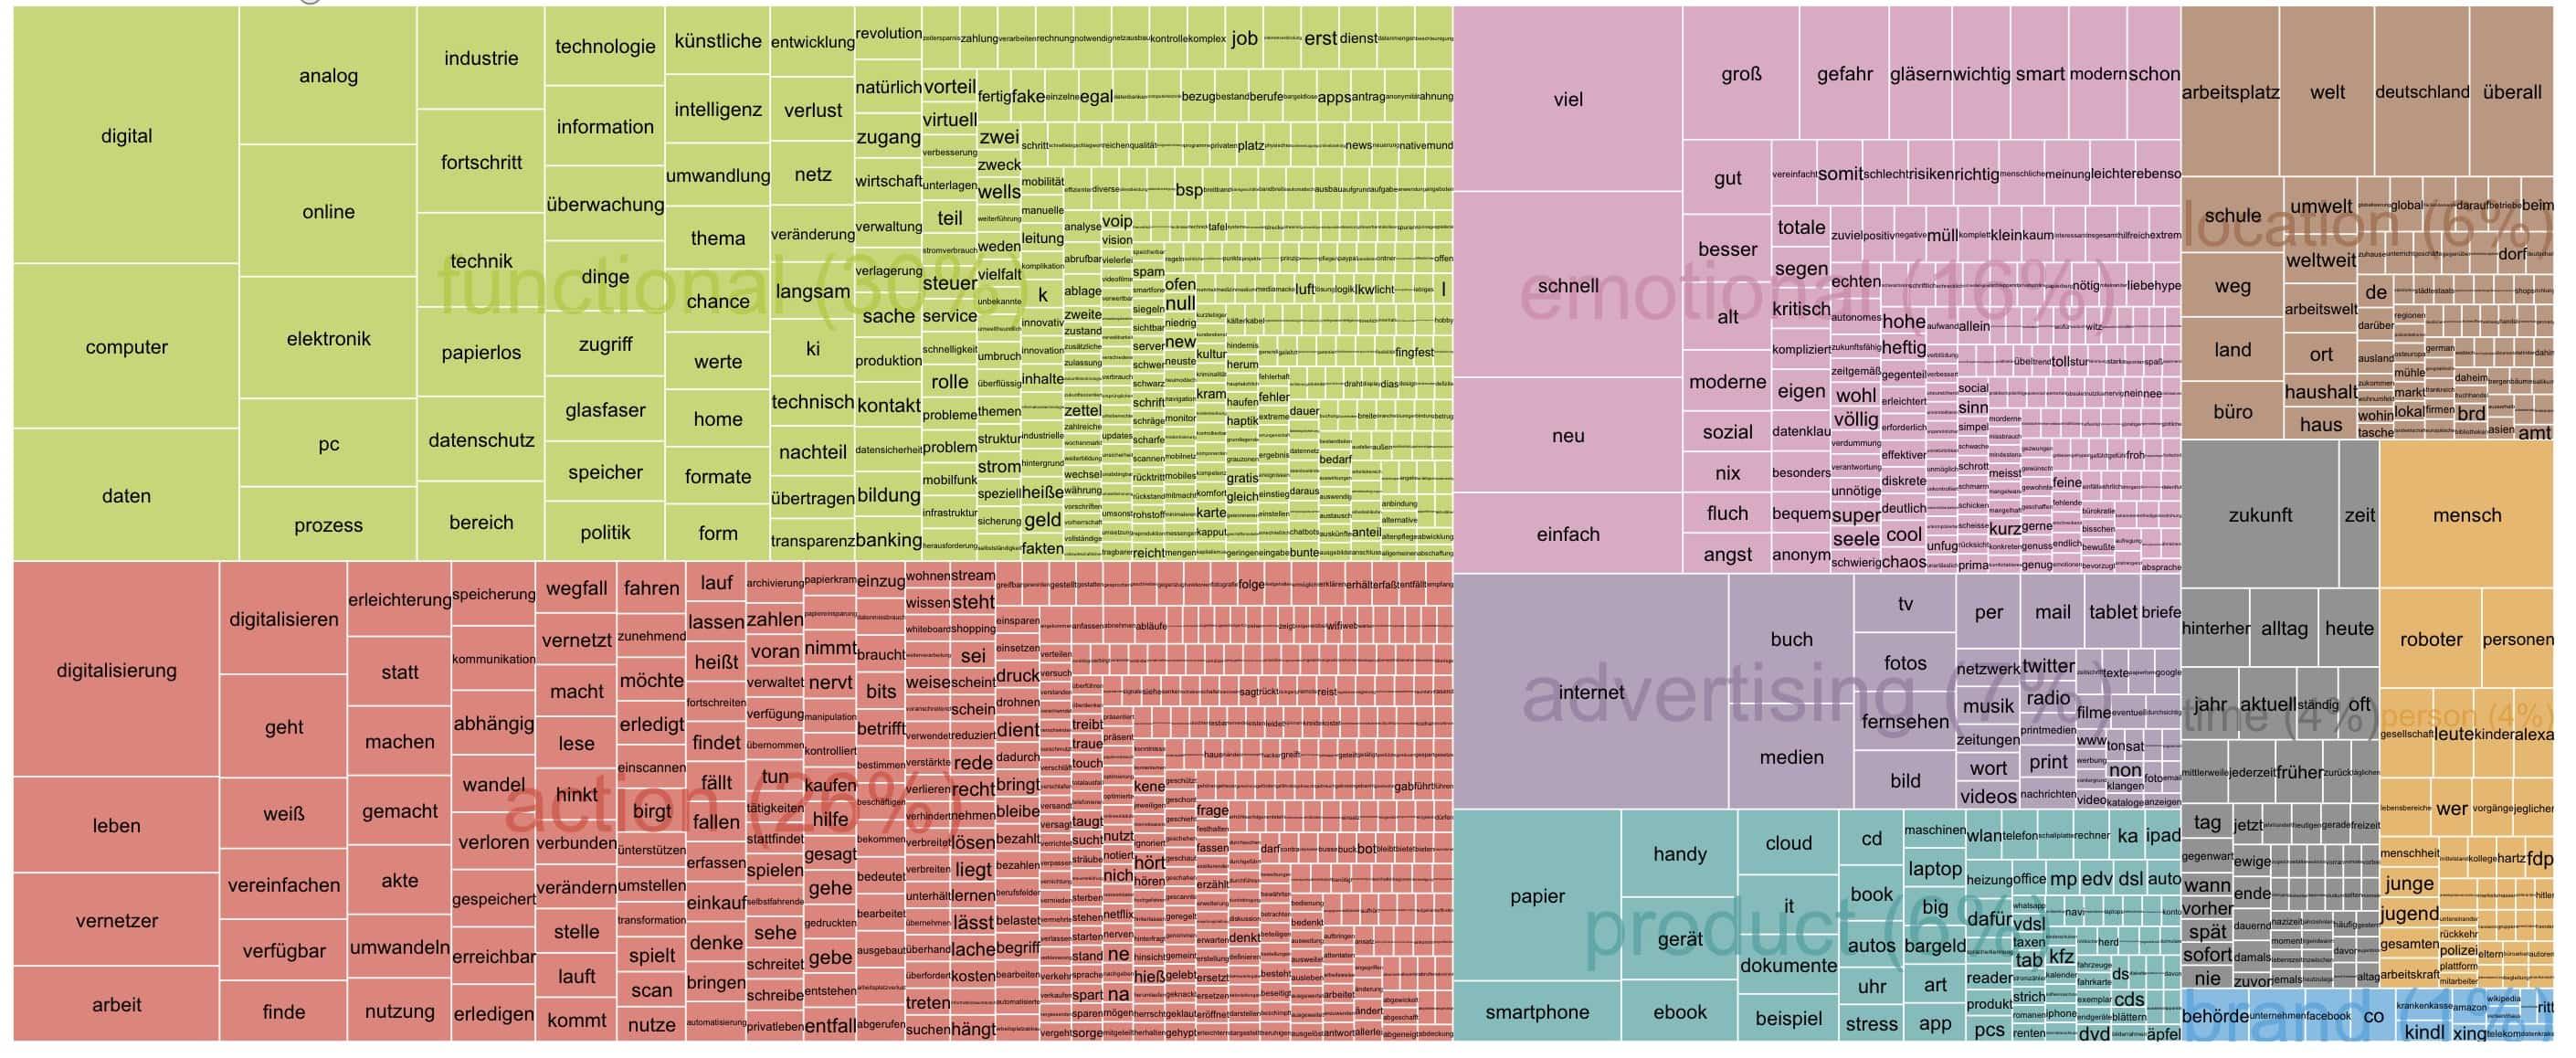 TreeMap - Ontologie der Digitalisierung